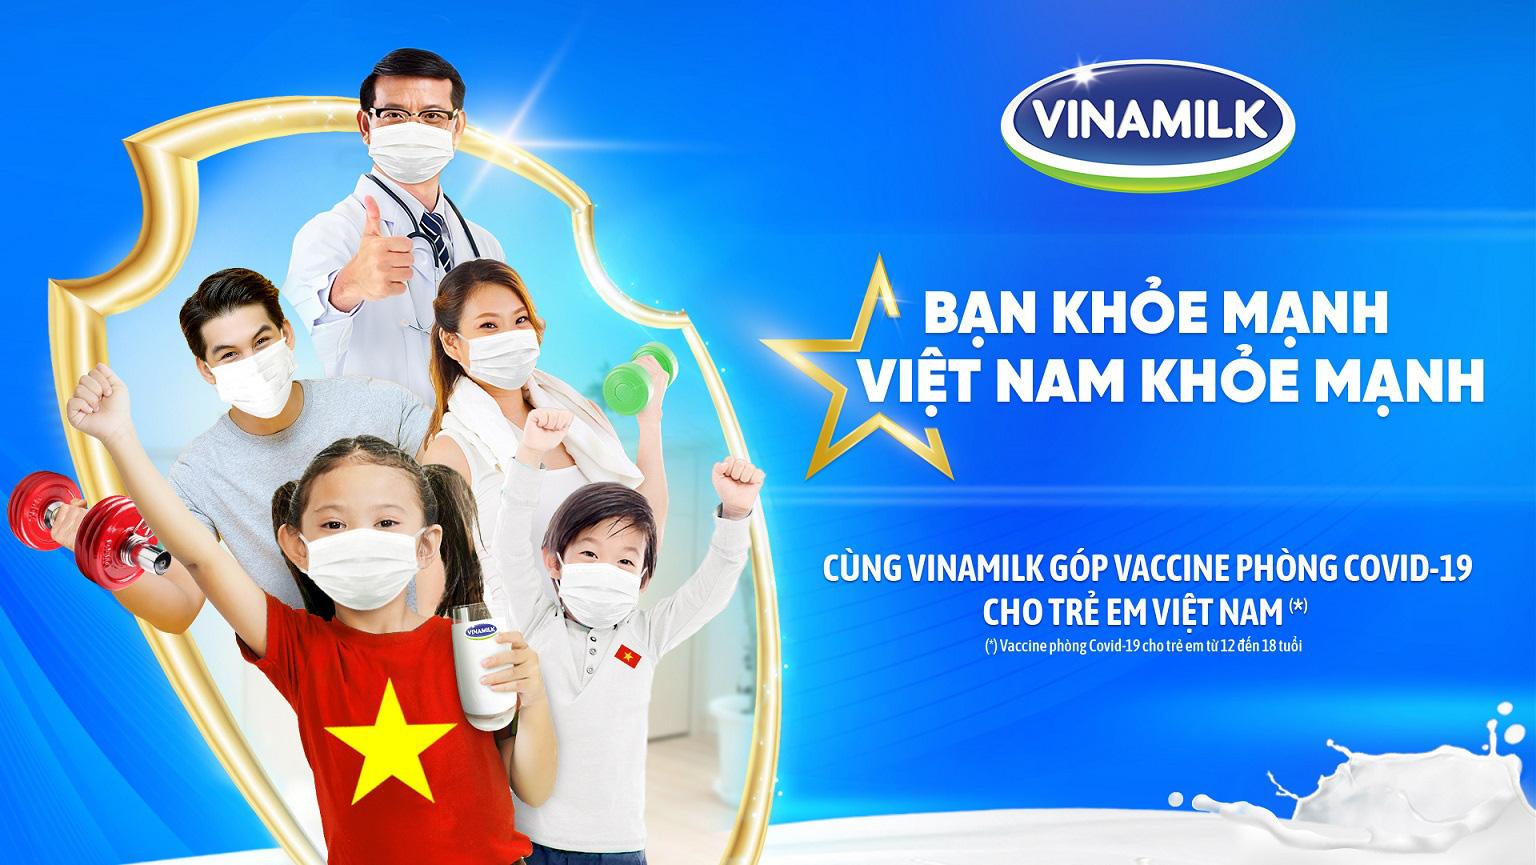 Vinamilk khởi động chiến dịch Bạn khỏe mạnh, Việt Nam khỏe mạnh với hoạt động góp vaccine phòng Covid-19 cho trẻ em - Ảnh 1.